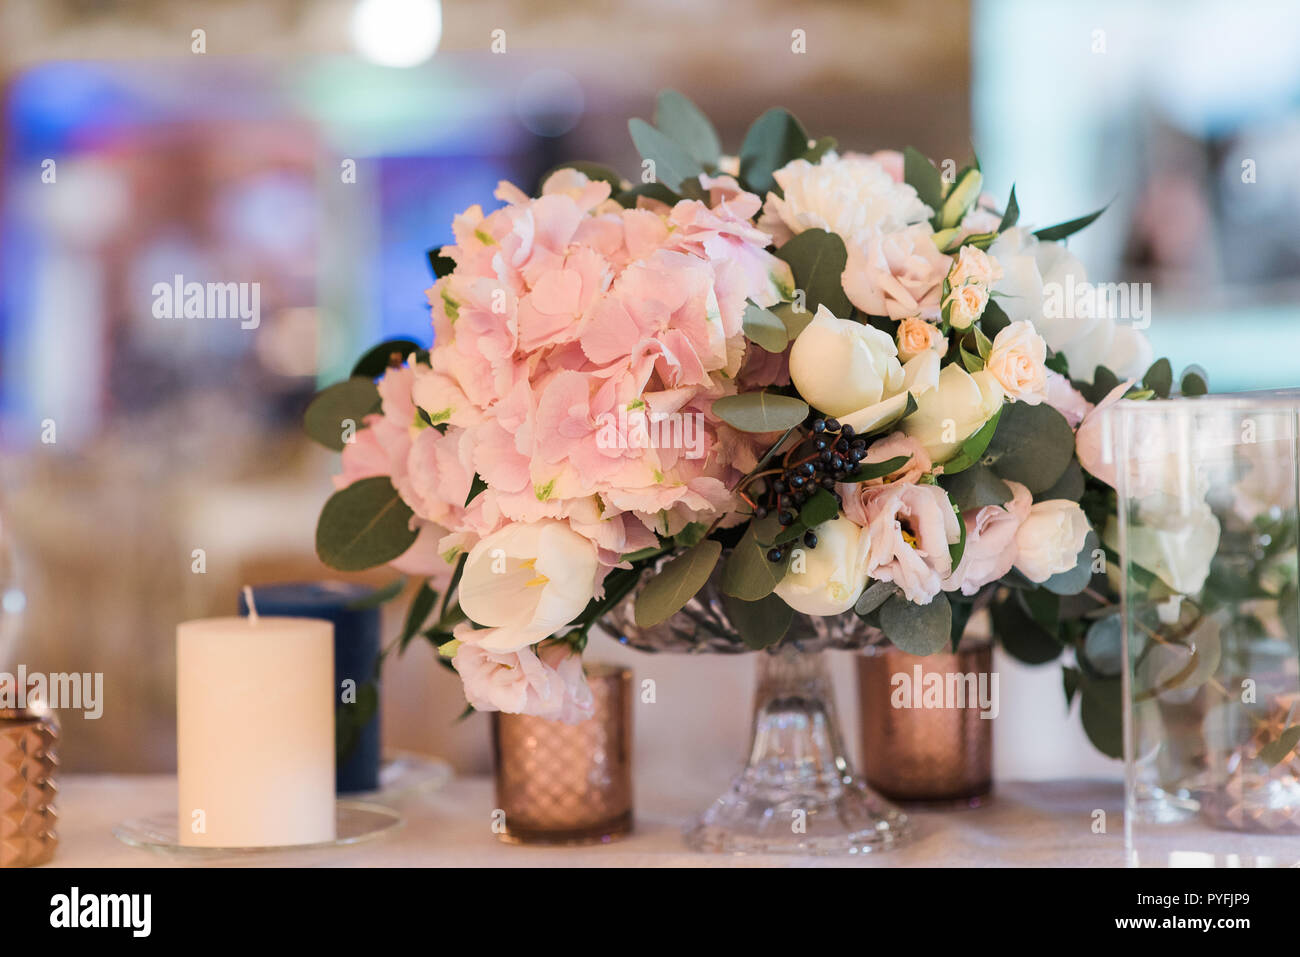 Schonen Blumenstrauss In Der Vase Auf Einer Hochzeit Rosen